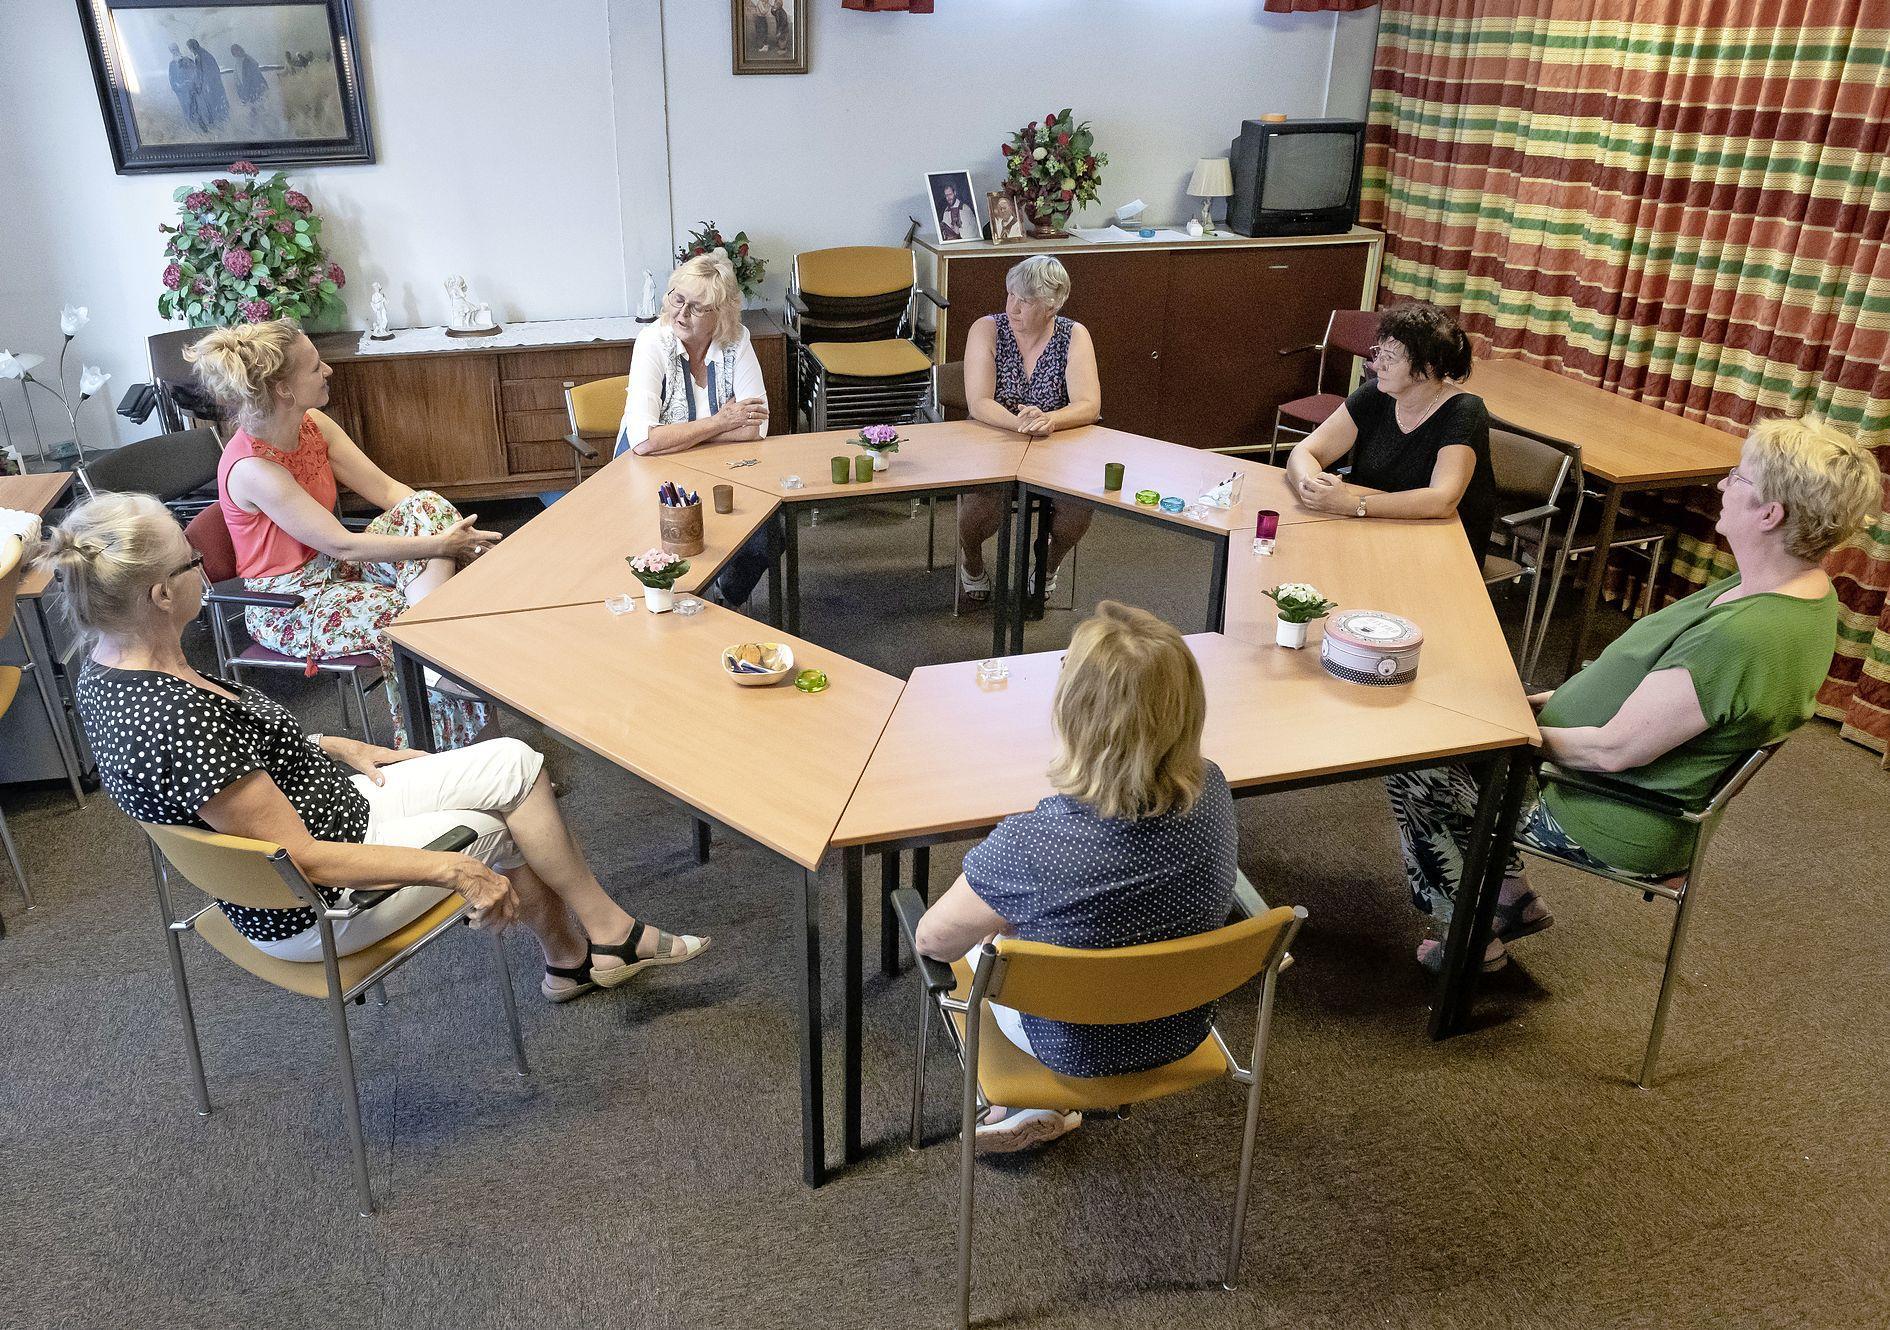 Moeders uit Edam-Volendam luiden de noodklok over 'zitjes' met gevaarlijke drugscocktails: 'Gevaarlijker dan corona'